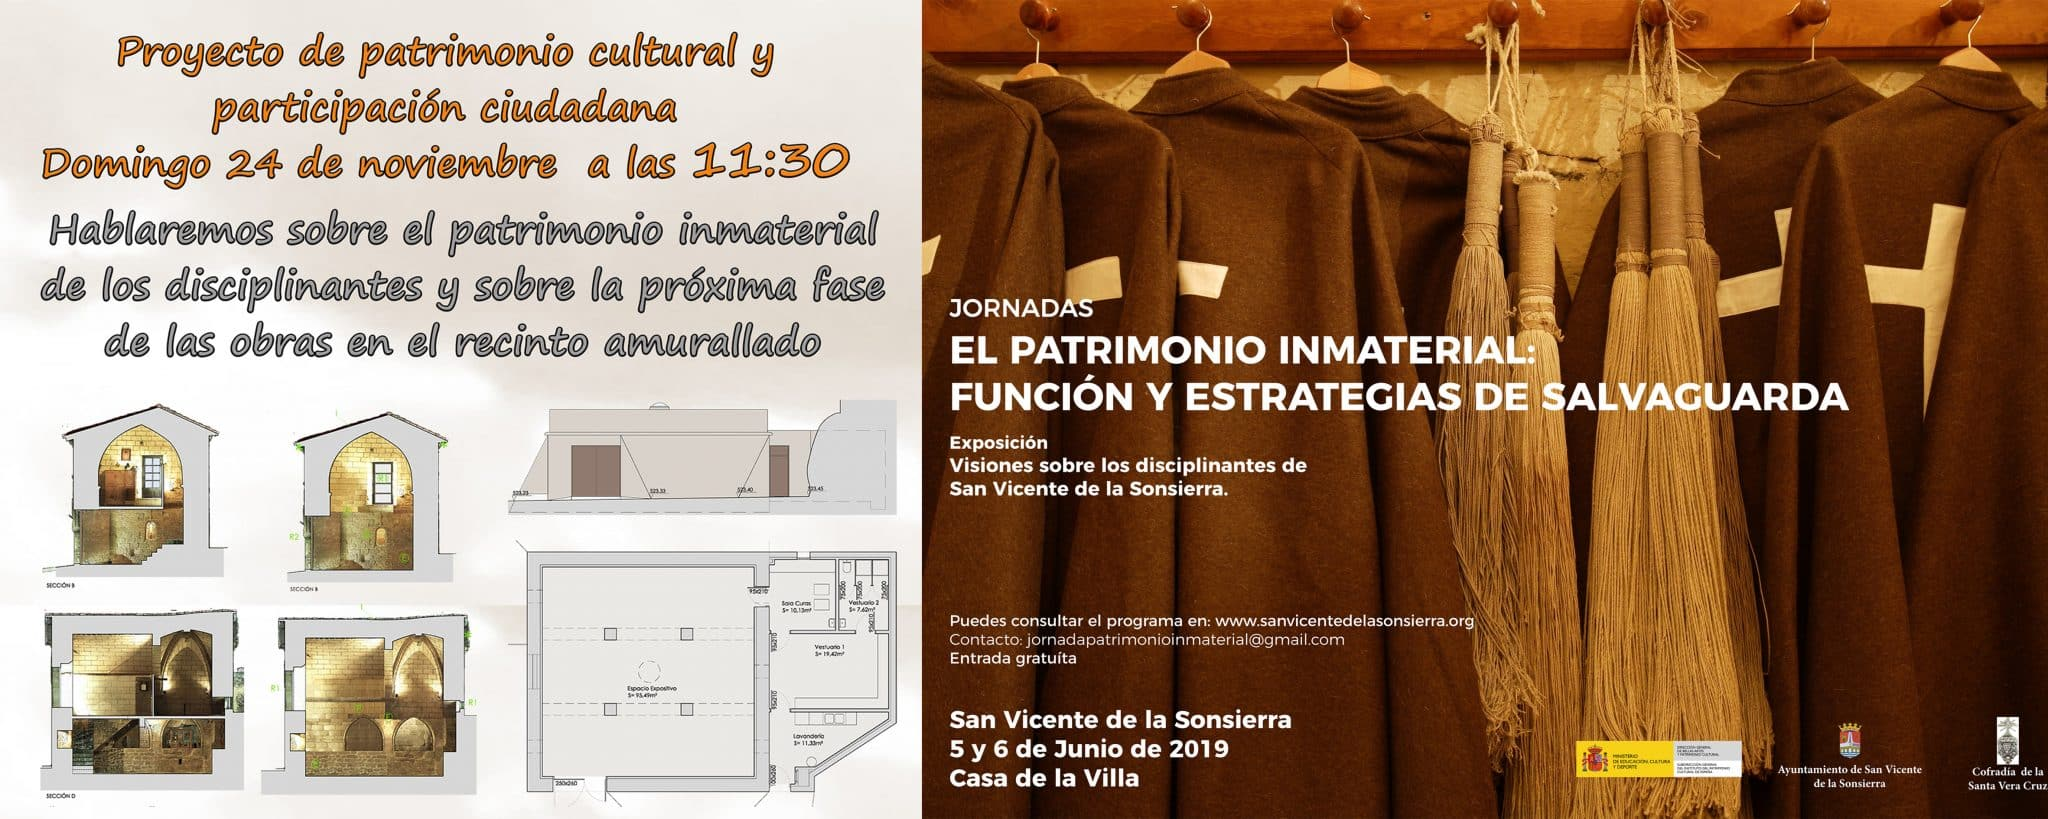 San Vicente de la Sonsierra continúa con sus jornadas de debate sobre patrimonio cultural del municipio 1